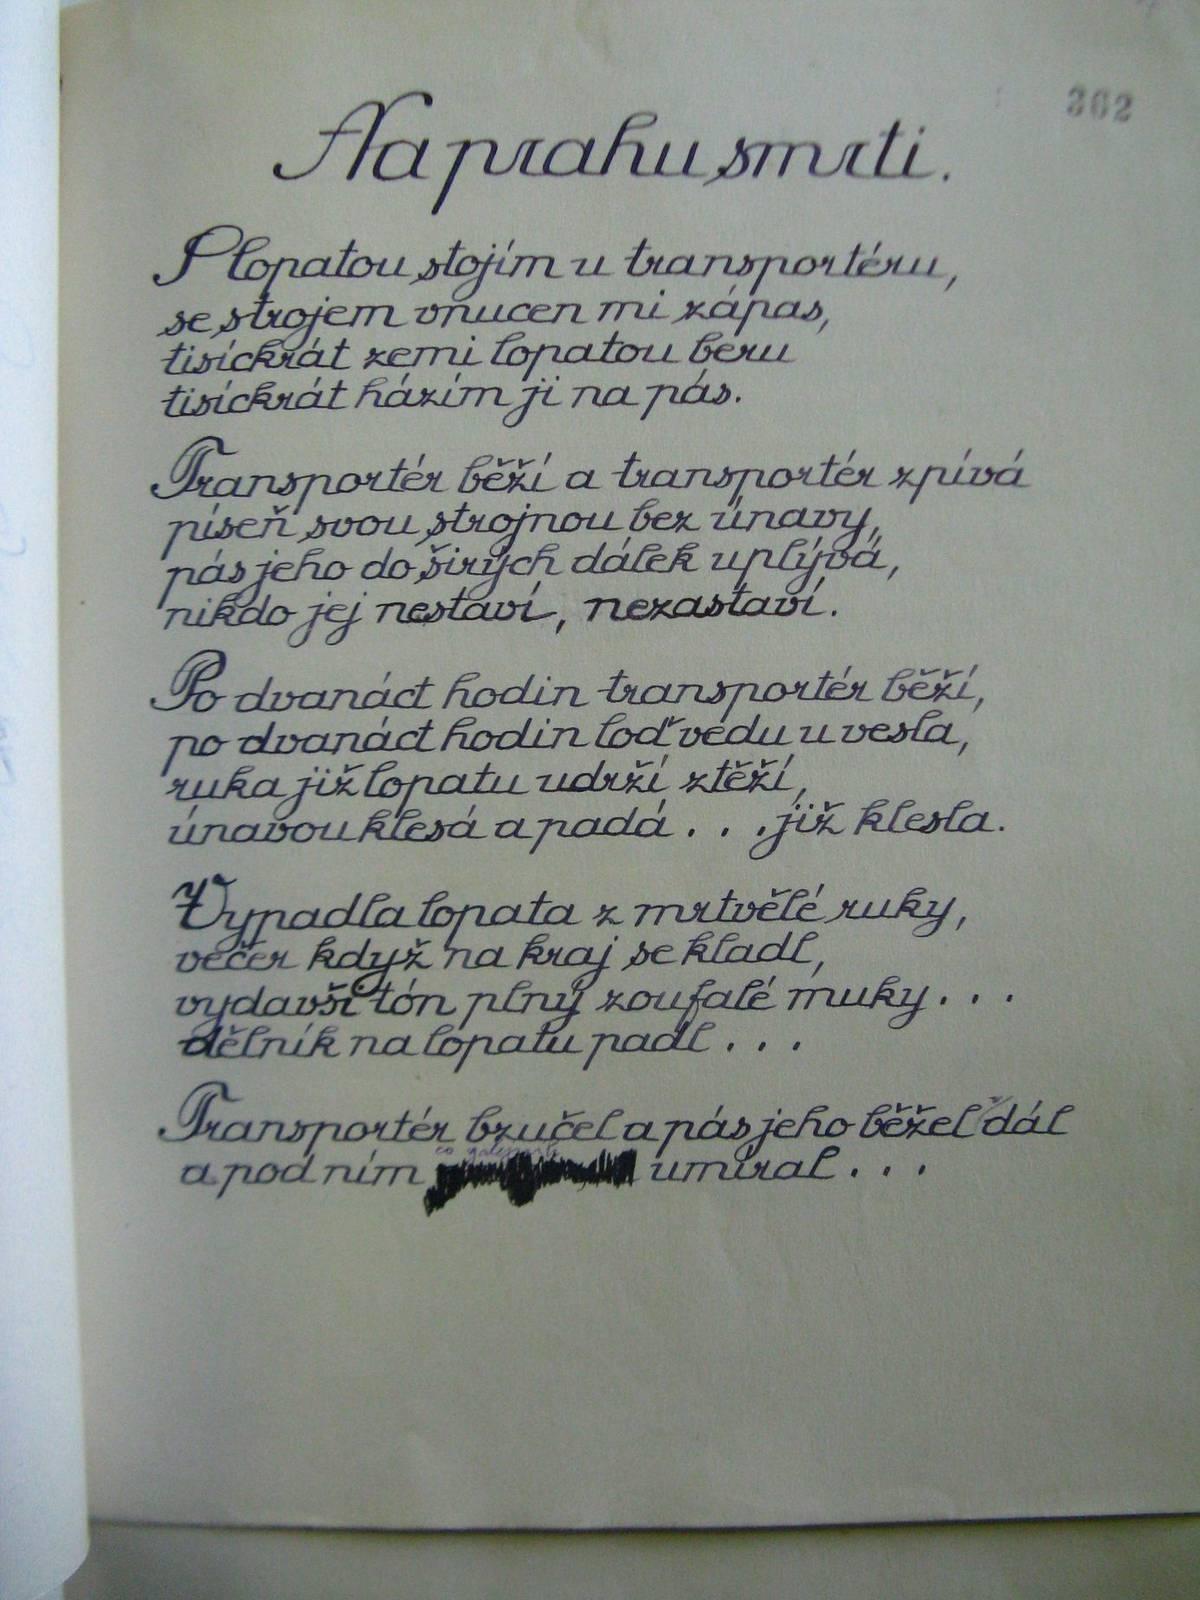 V archivu čs. vojenské mise se dochovala sbírka básní Františka Poláka, vytvořená v Norillagu a zabavená po jeho druhém zatčení a odsedlání do Unžlagu.